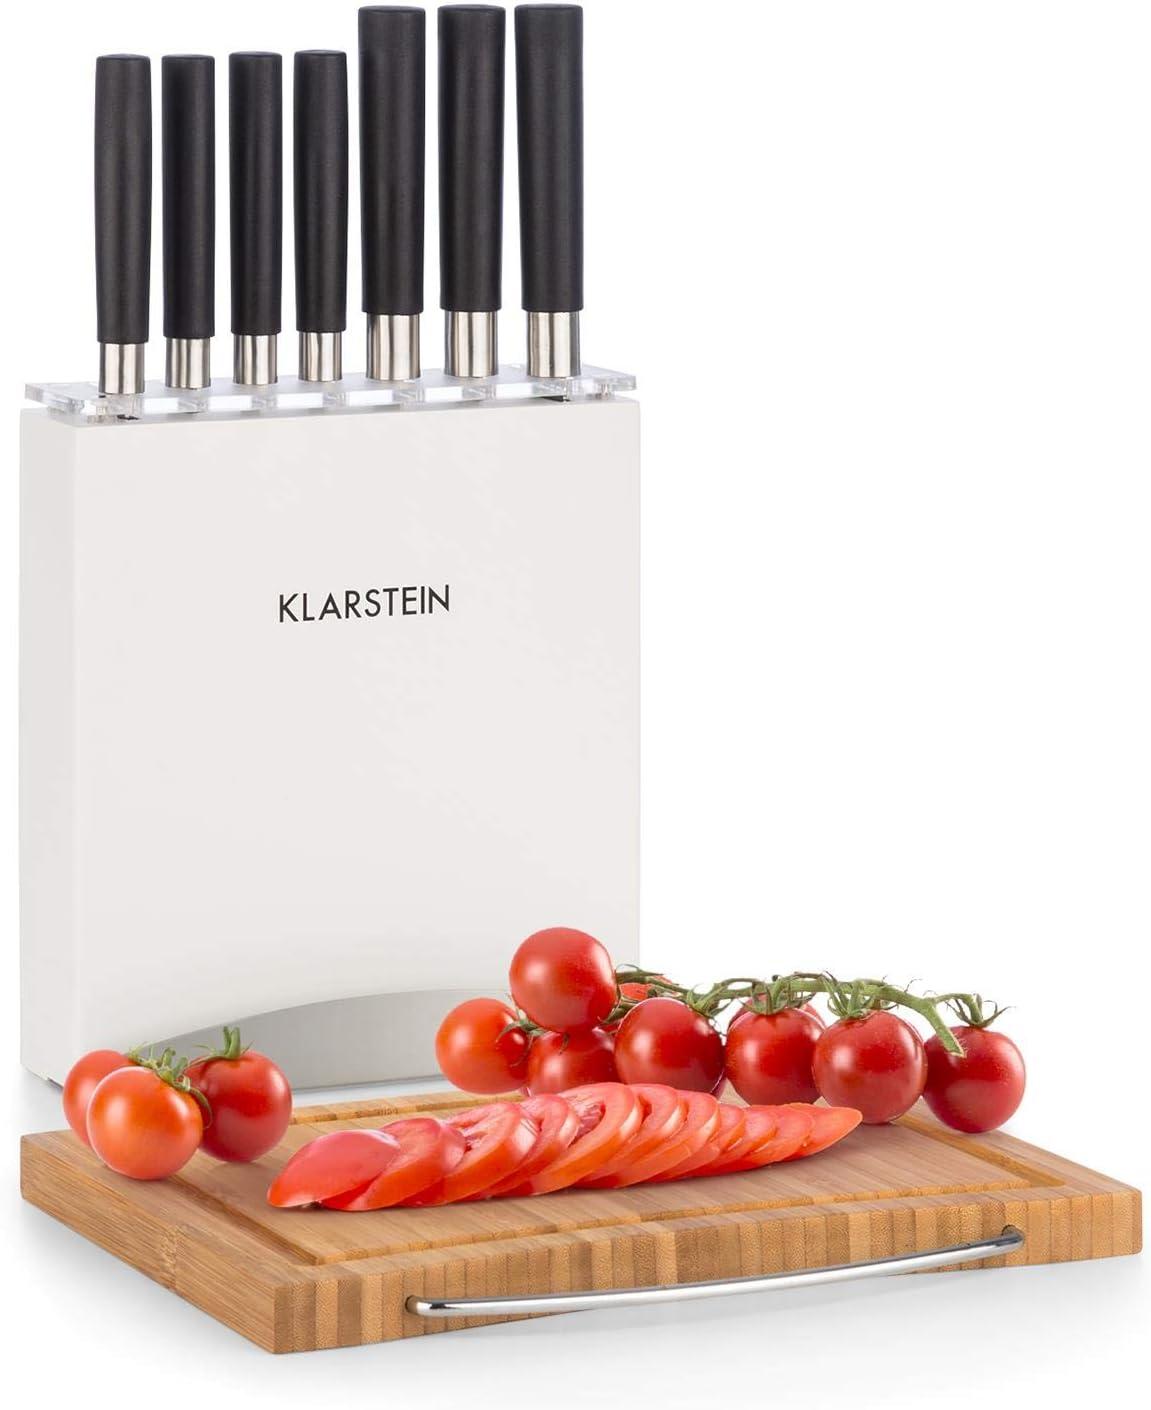 Klarstein Kitano Juego de cuchillos - Juego de 9 piezas con bloque de madera y tabla de cortar de bambú, 7 cuchillas de precisión en diseño japonés, Blanco